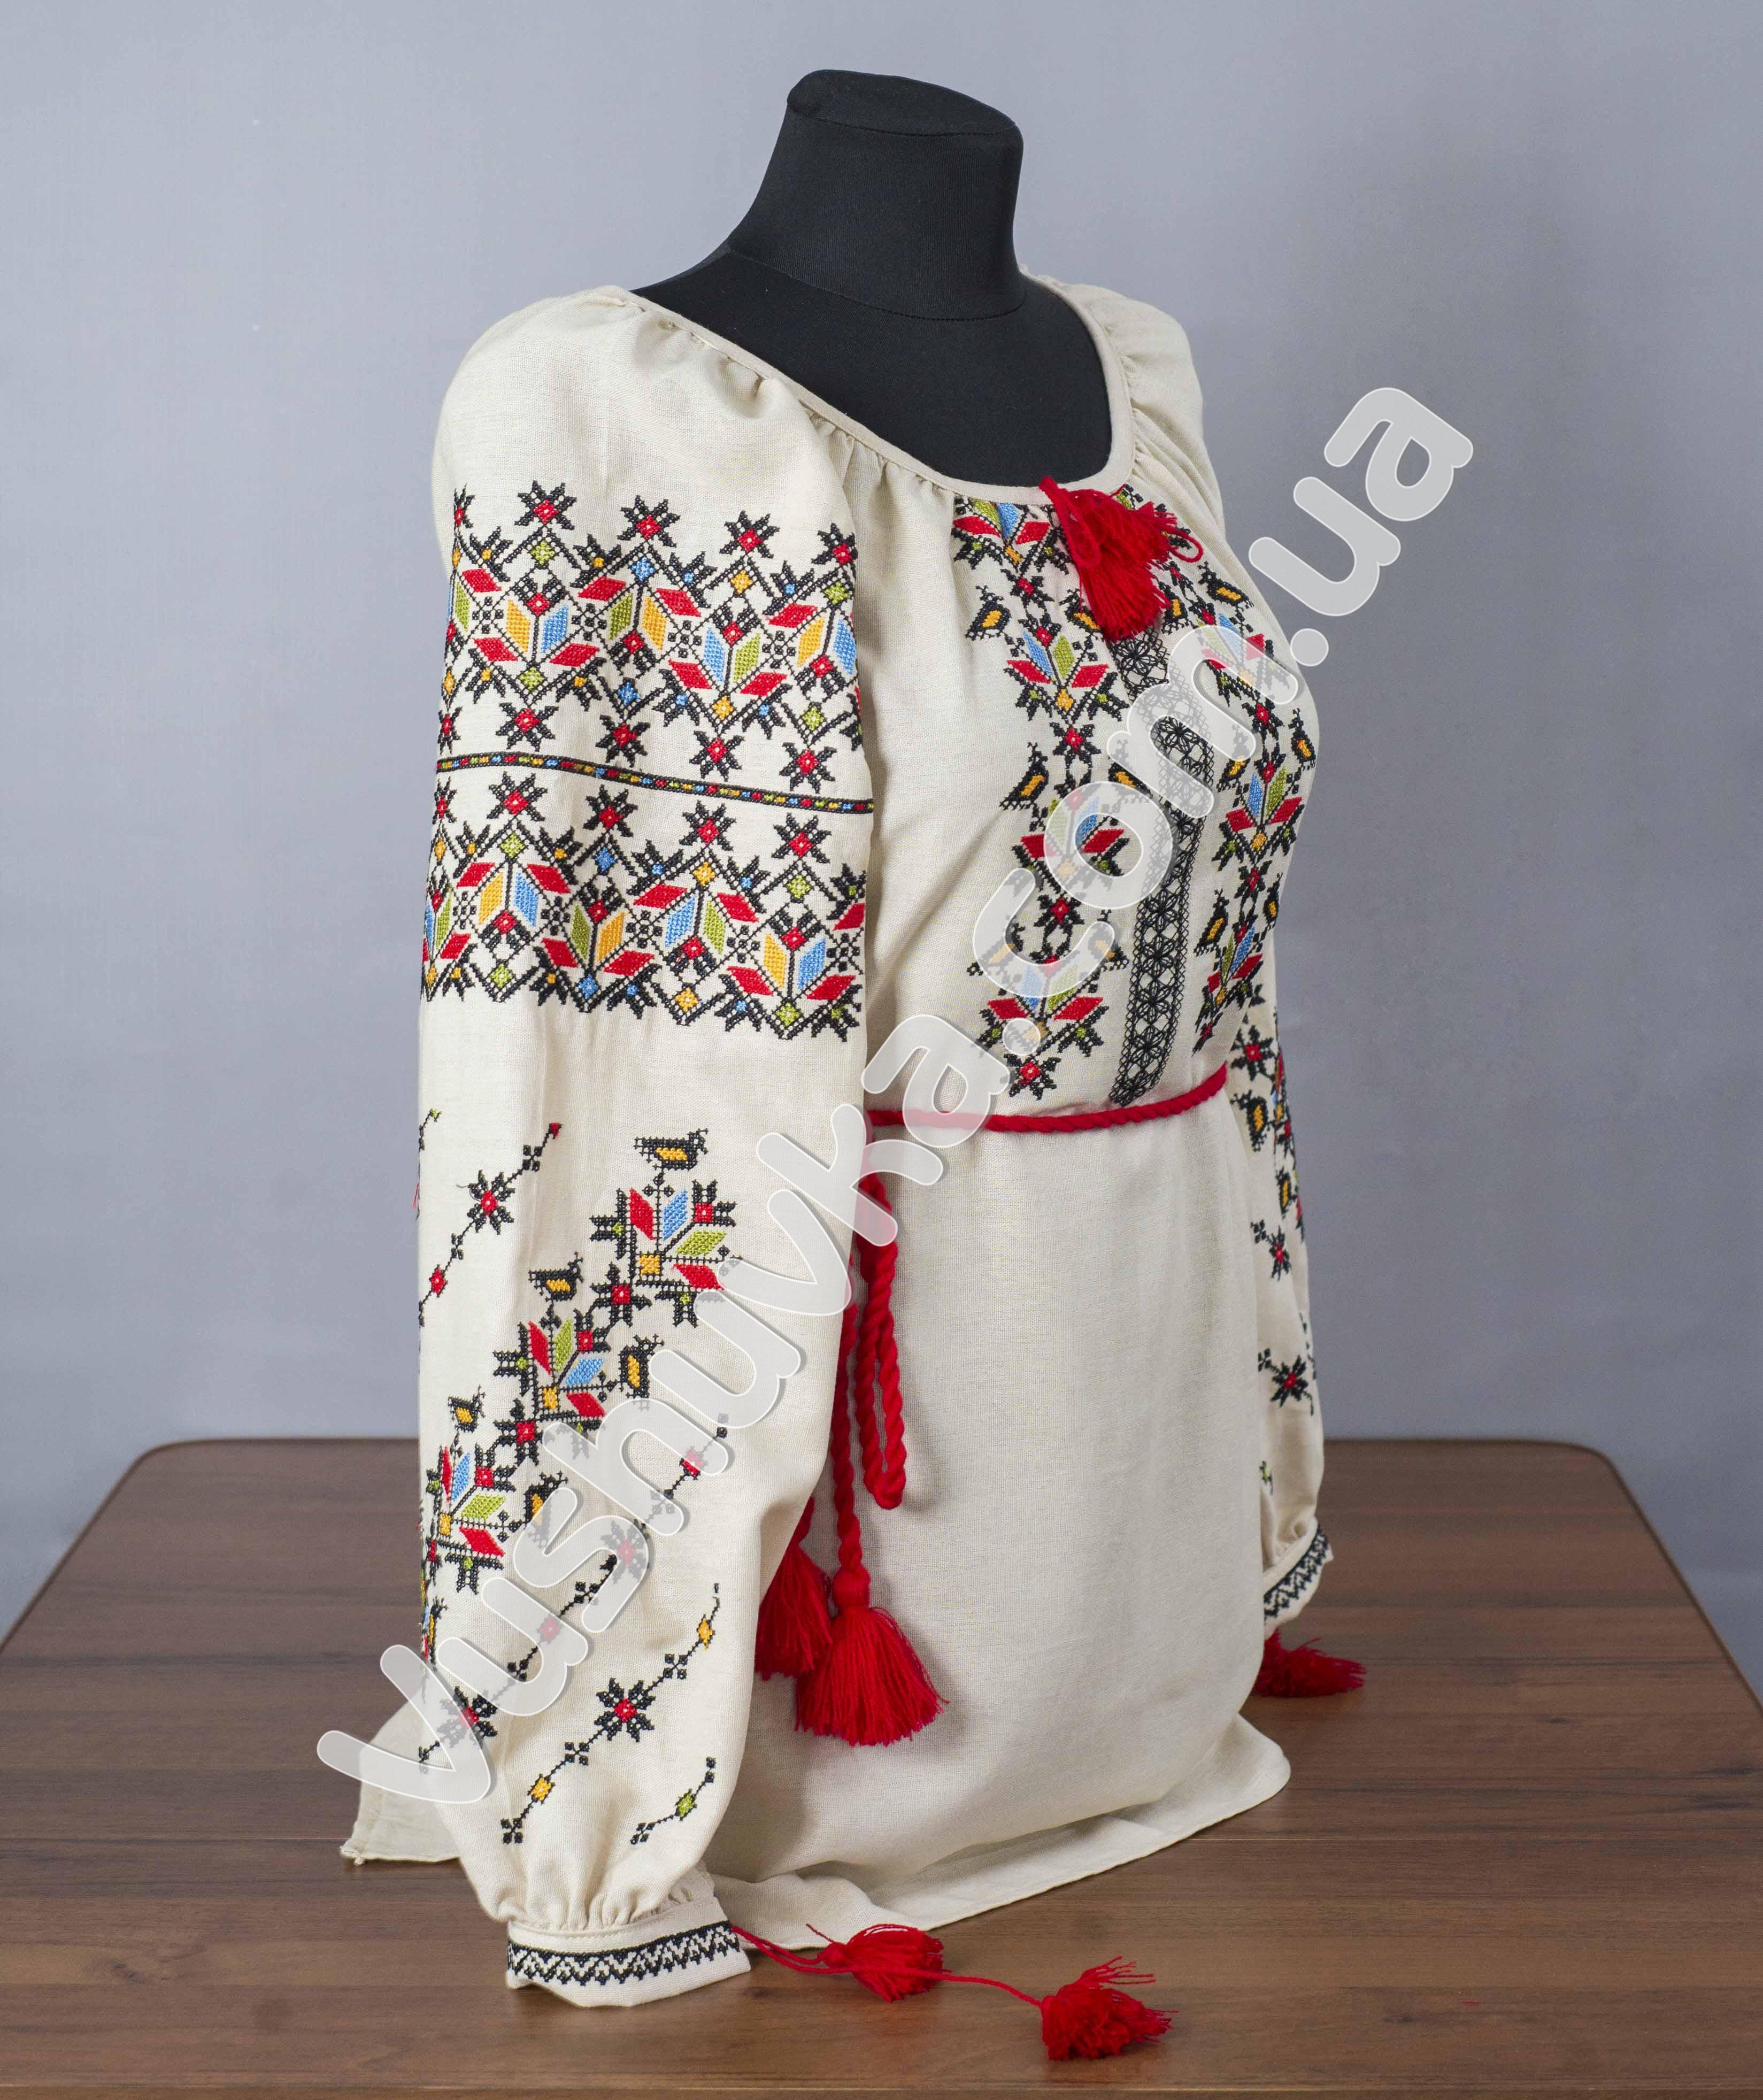 Вишита сорочка (арт. 2039) • купити в Україні e8db5f1f76f6c